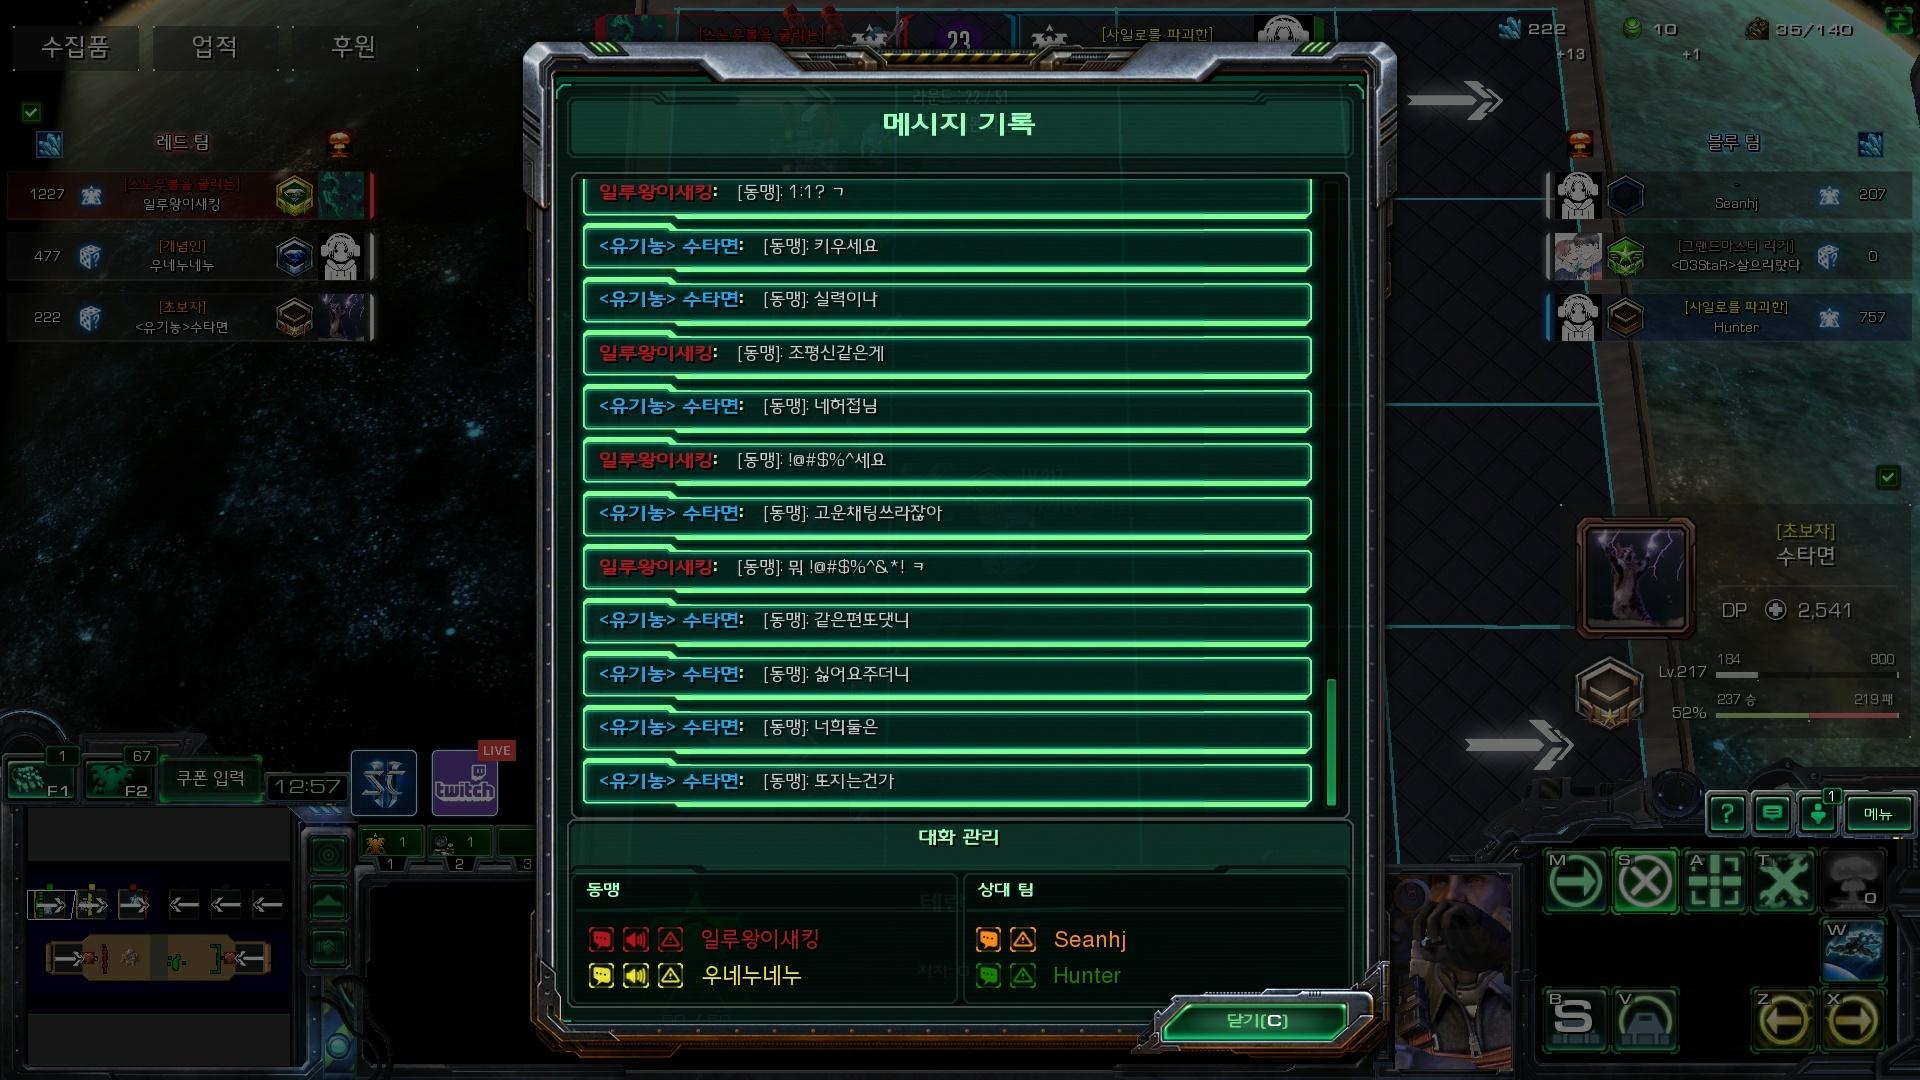 Screenshot2019-07-30 16_08_28.jpg